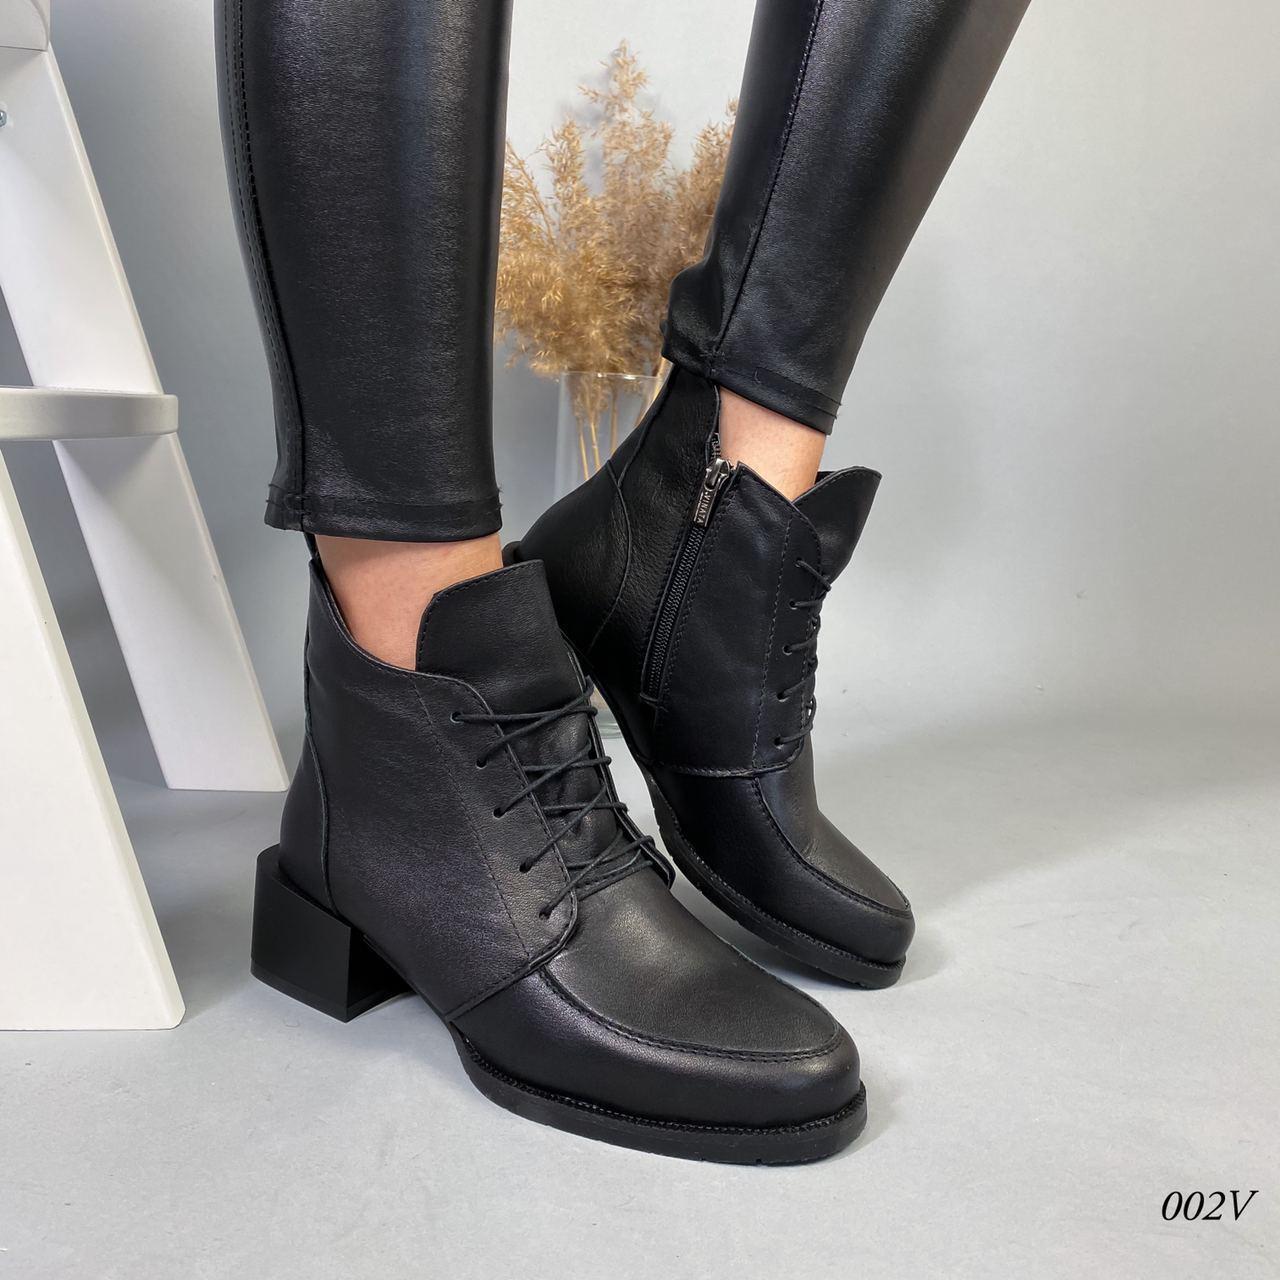 Женские ботинки на каблуке натуральная кожа